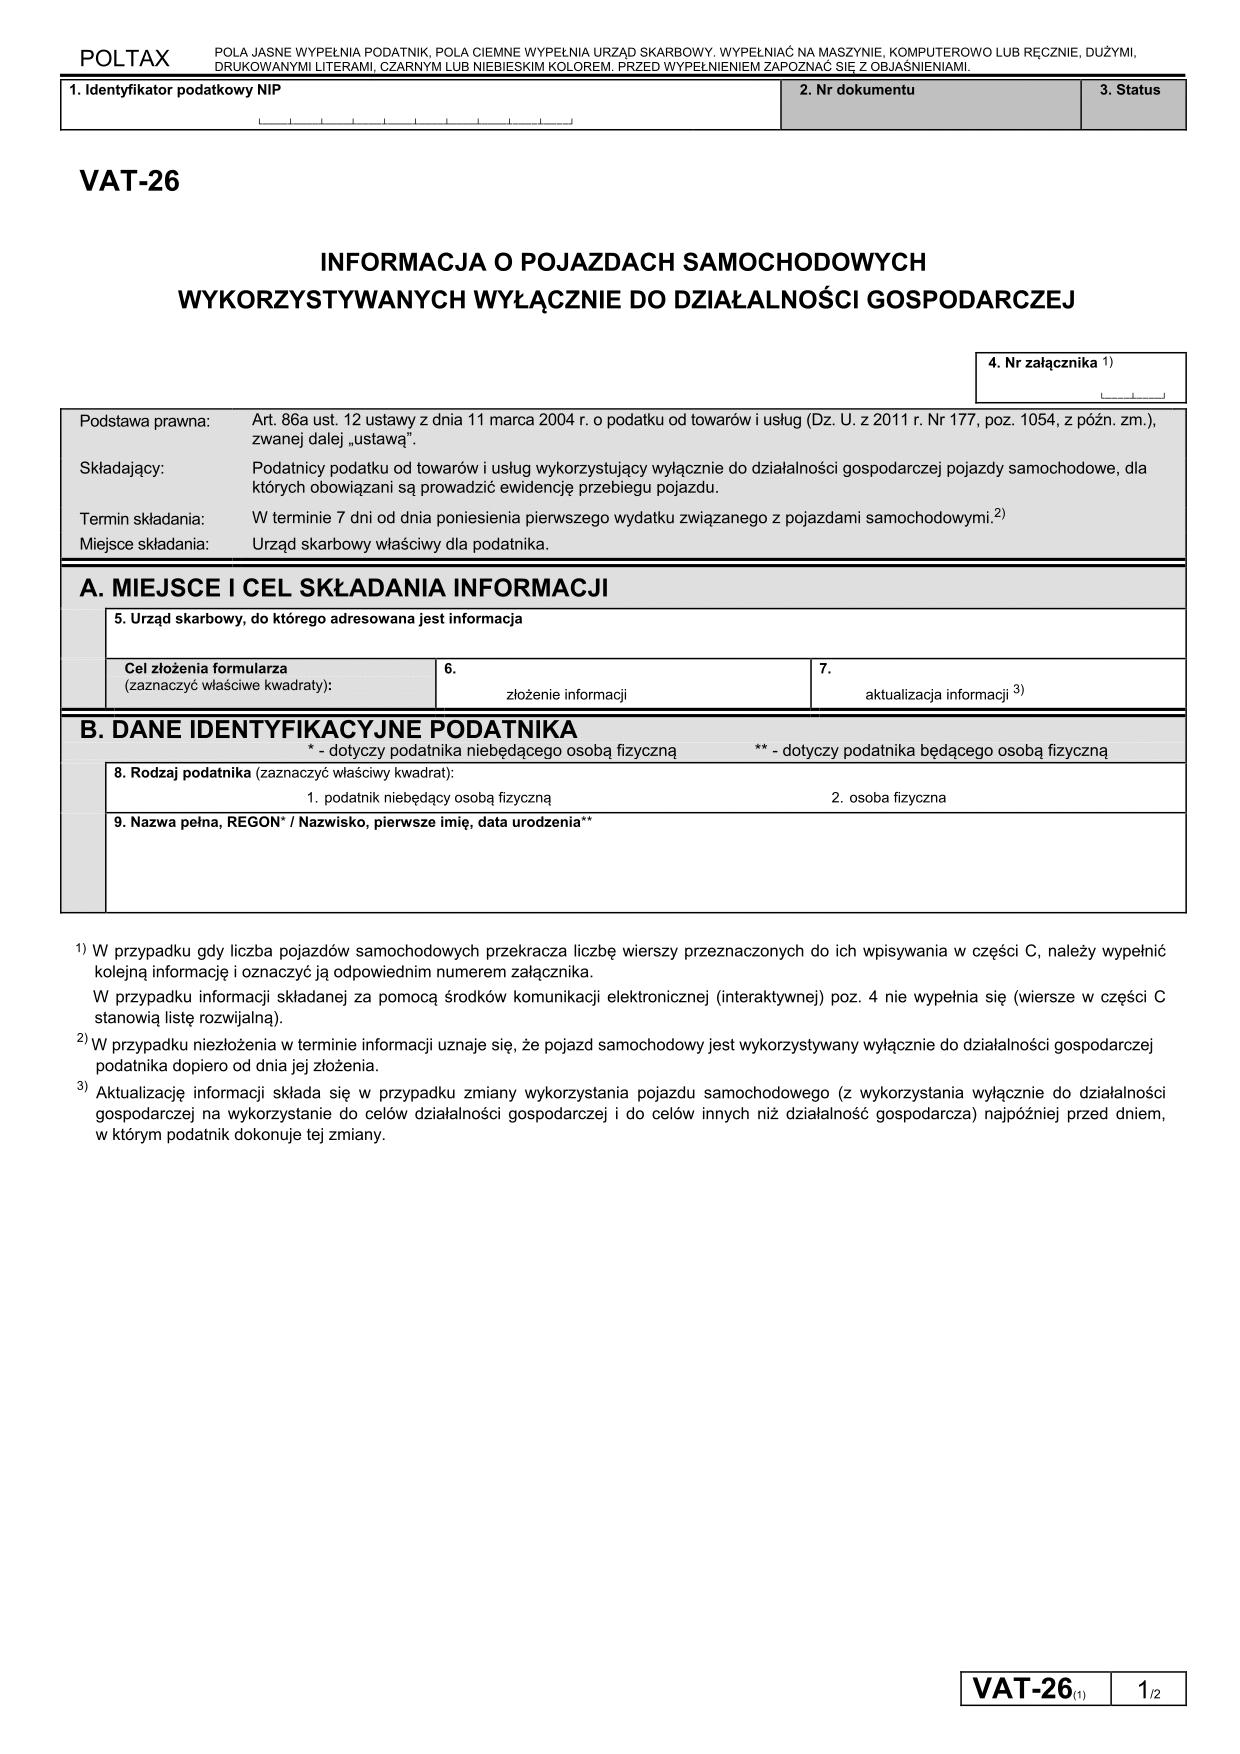 VAT-26 (1) Informacja o pojazdach samochodowych wykorzystywanych wyłącznie do działalności gospodarczej